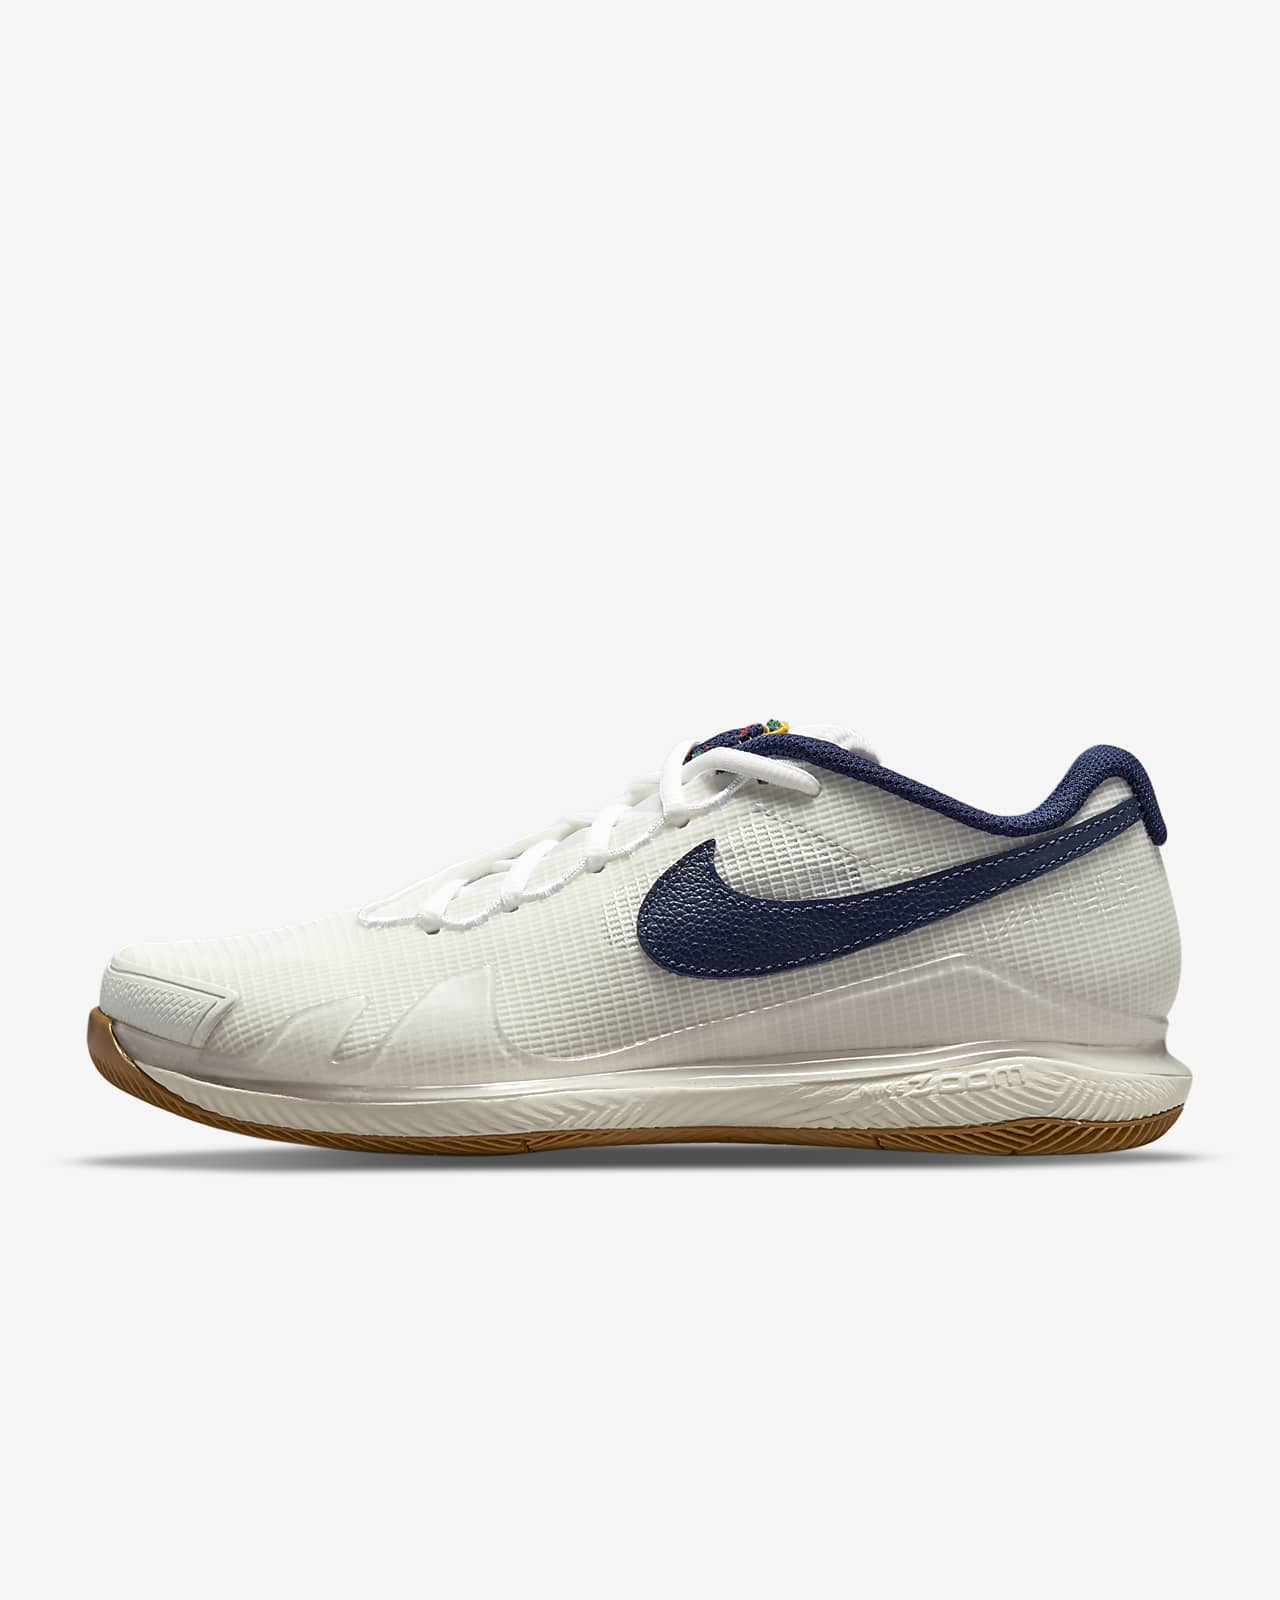 NikeCourt Air Zoom Vapor Pro Damen-Tennisschuh für Hartplätze